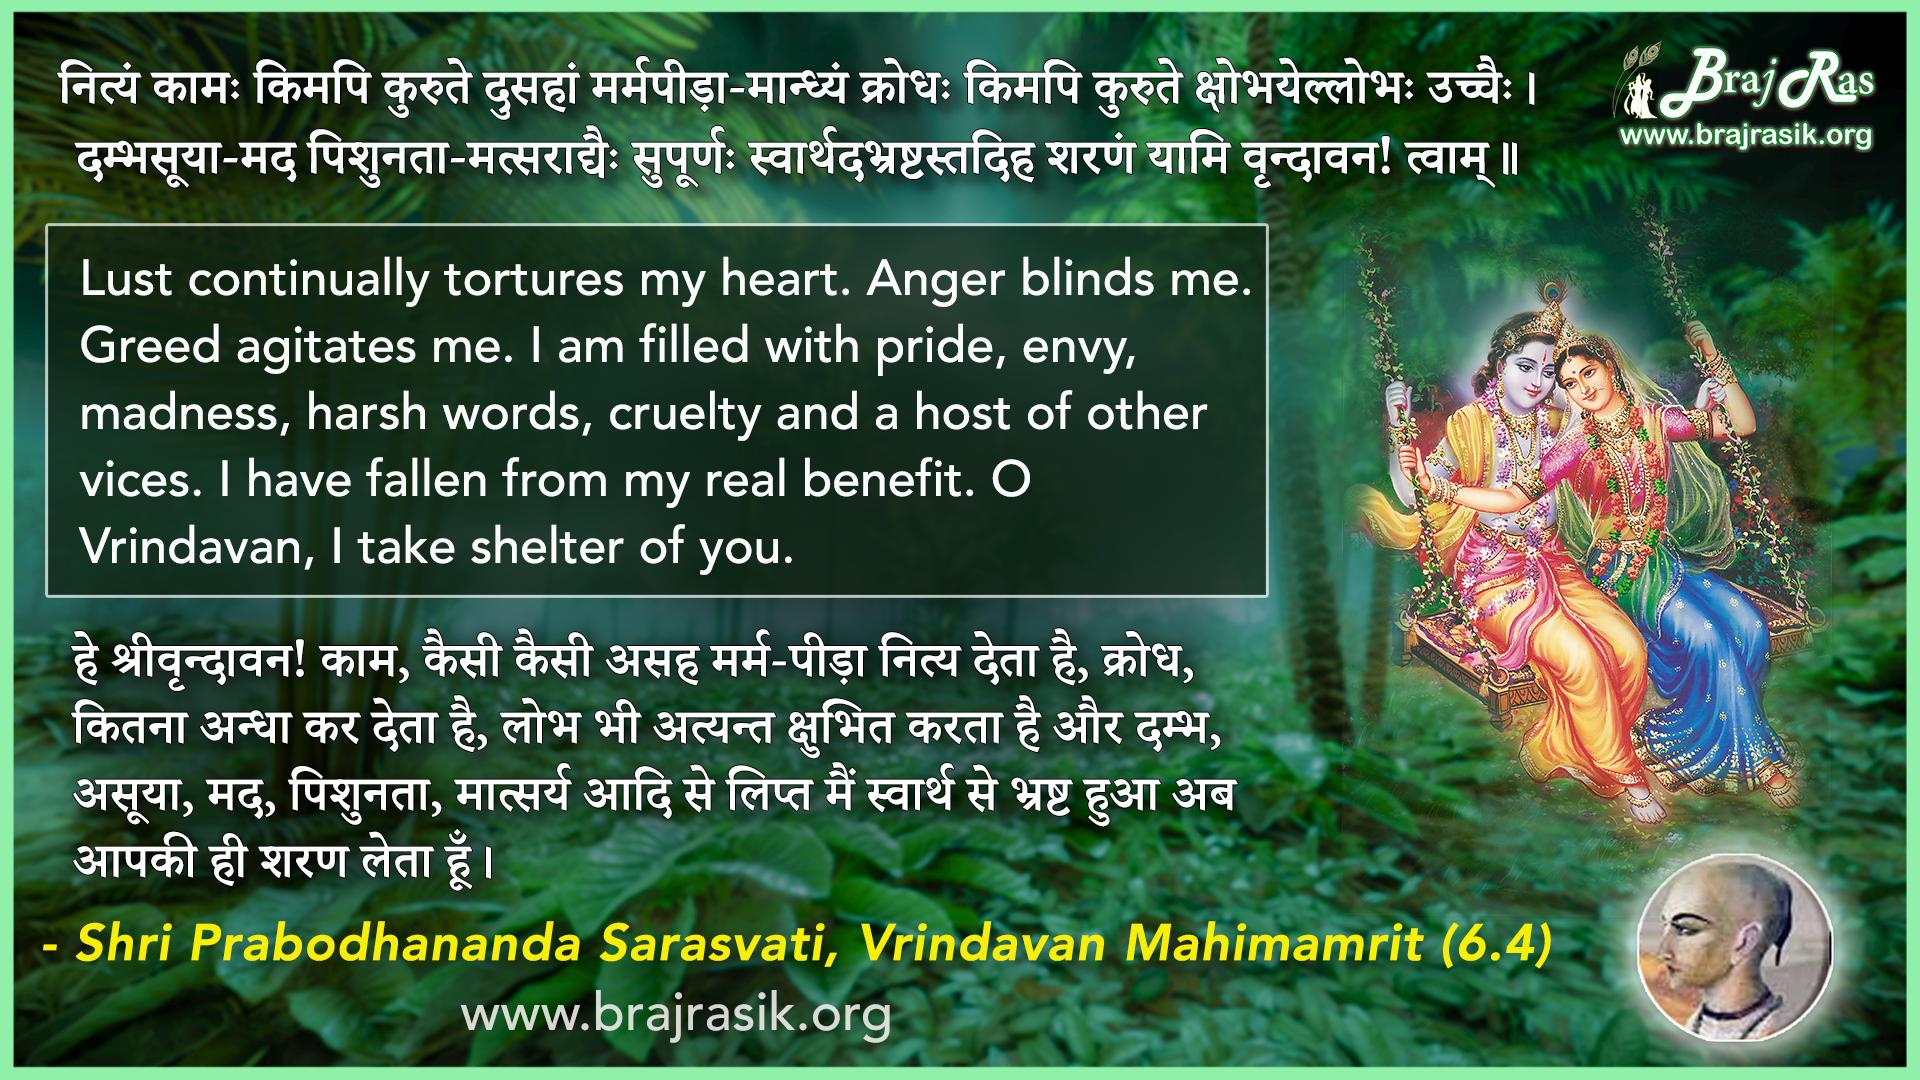 Nityam Kaamah Kimapi Kurute Dusahaam - Shri Prabodhanand Saraswati, Vrindavan Mahimamrit (6.4)